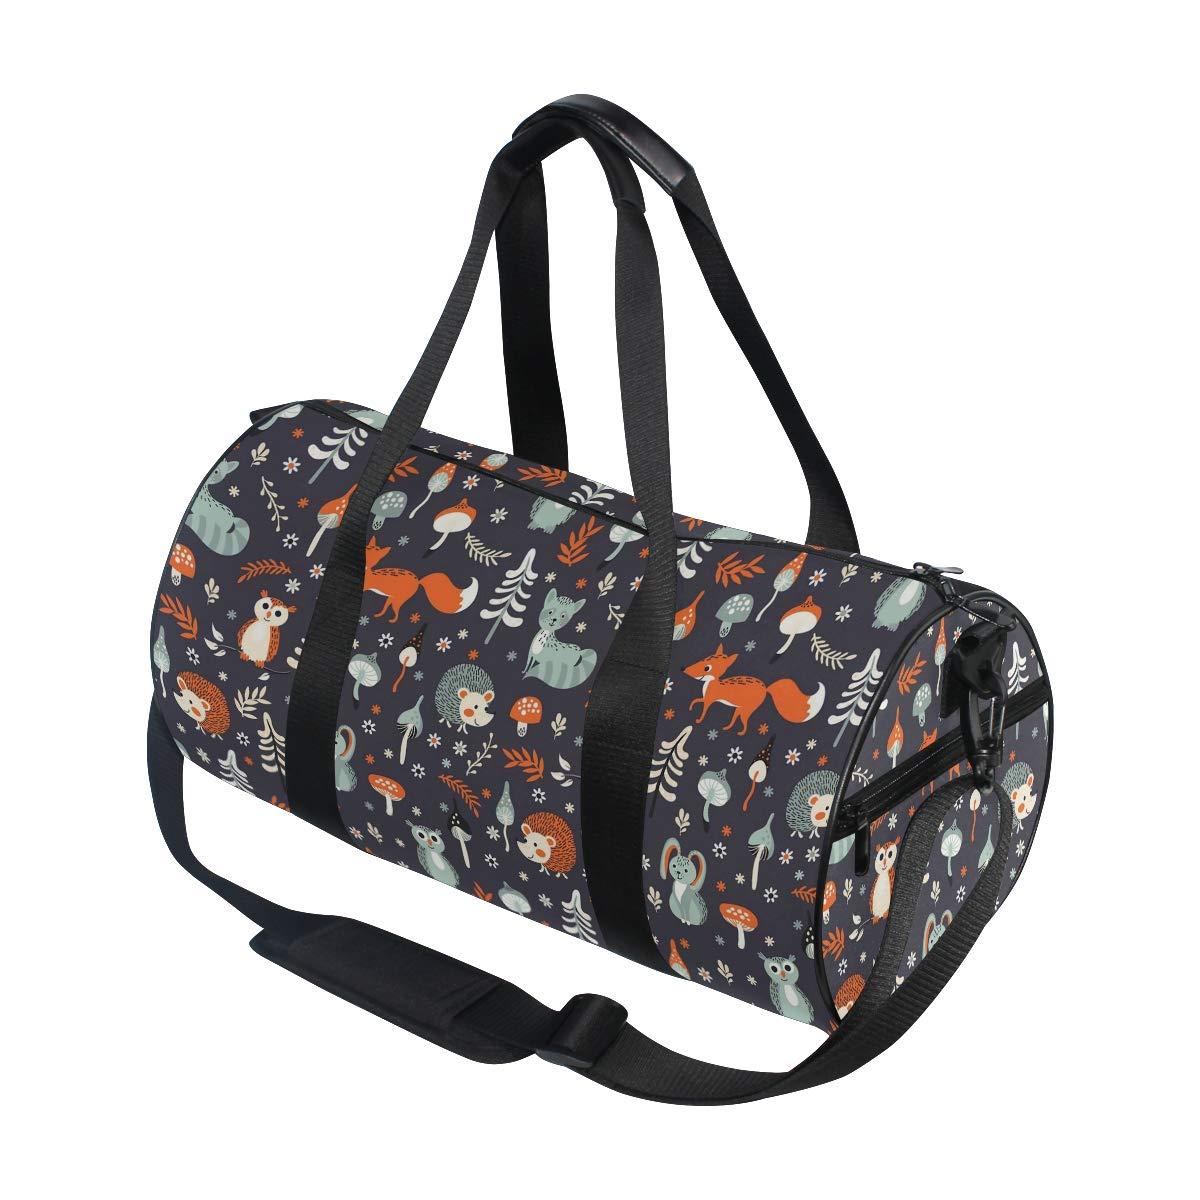 Cute Woodland Animal Owl Fox Hedgehog Travel Duffel Bag Sports Gym Duffel Bag Luggage Handbag for Men Women